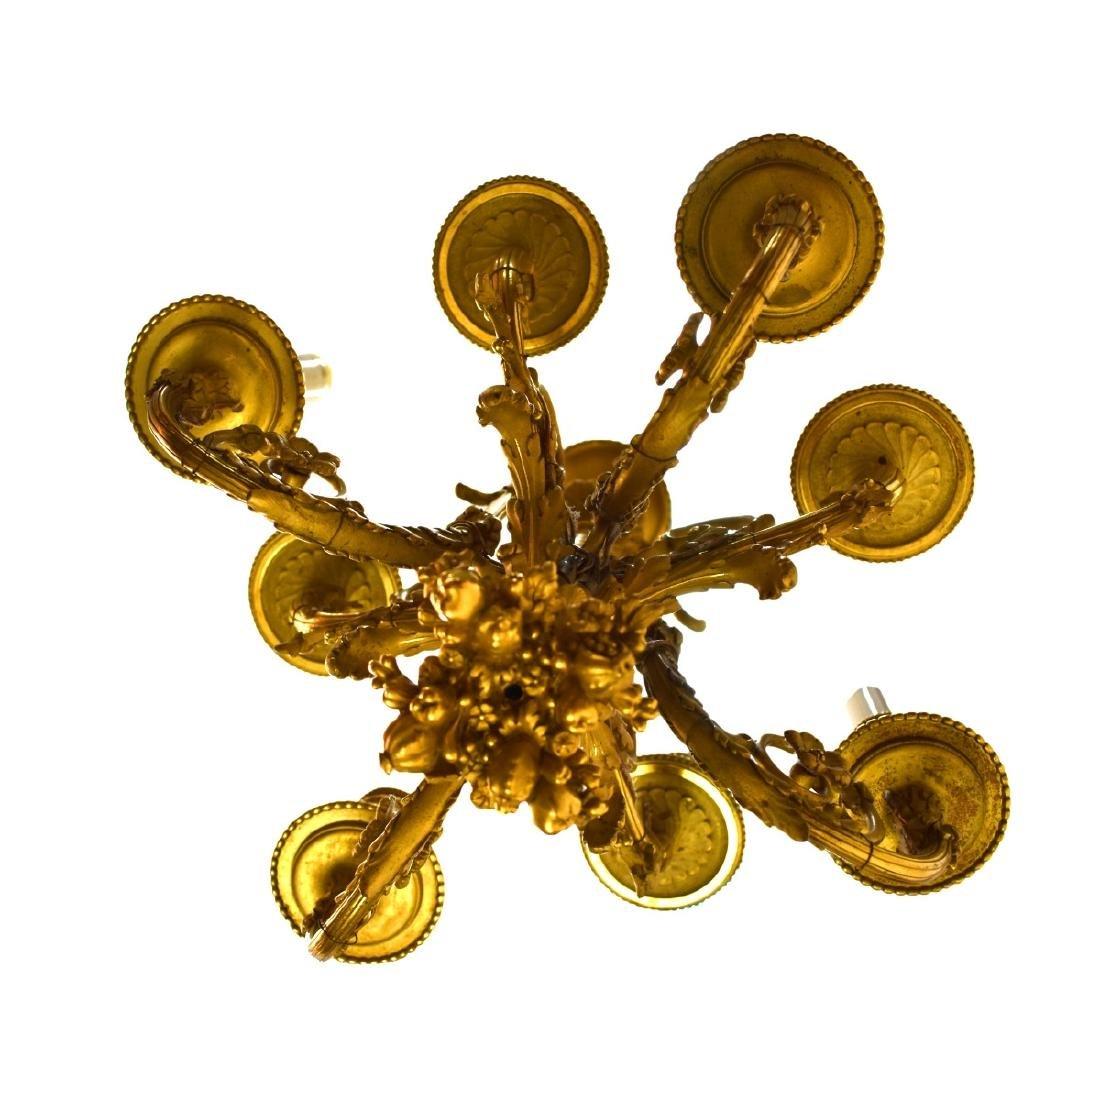 19th Century French Gilt Bronze Chandelier - 3